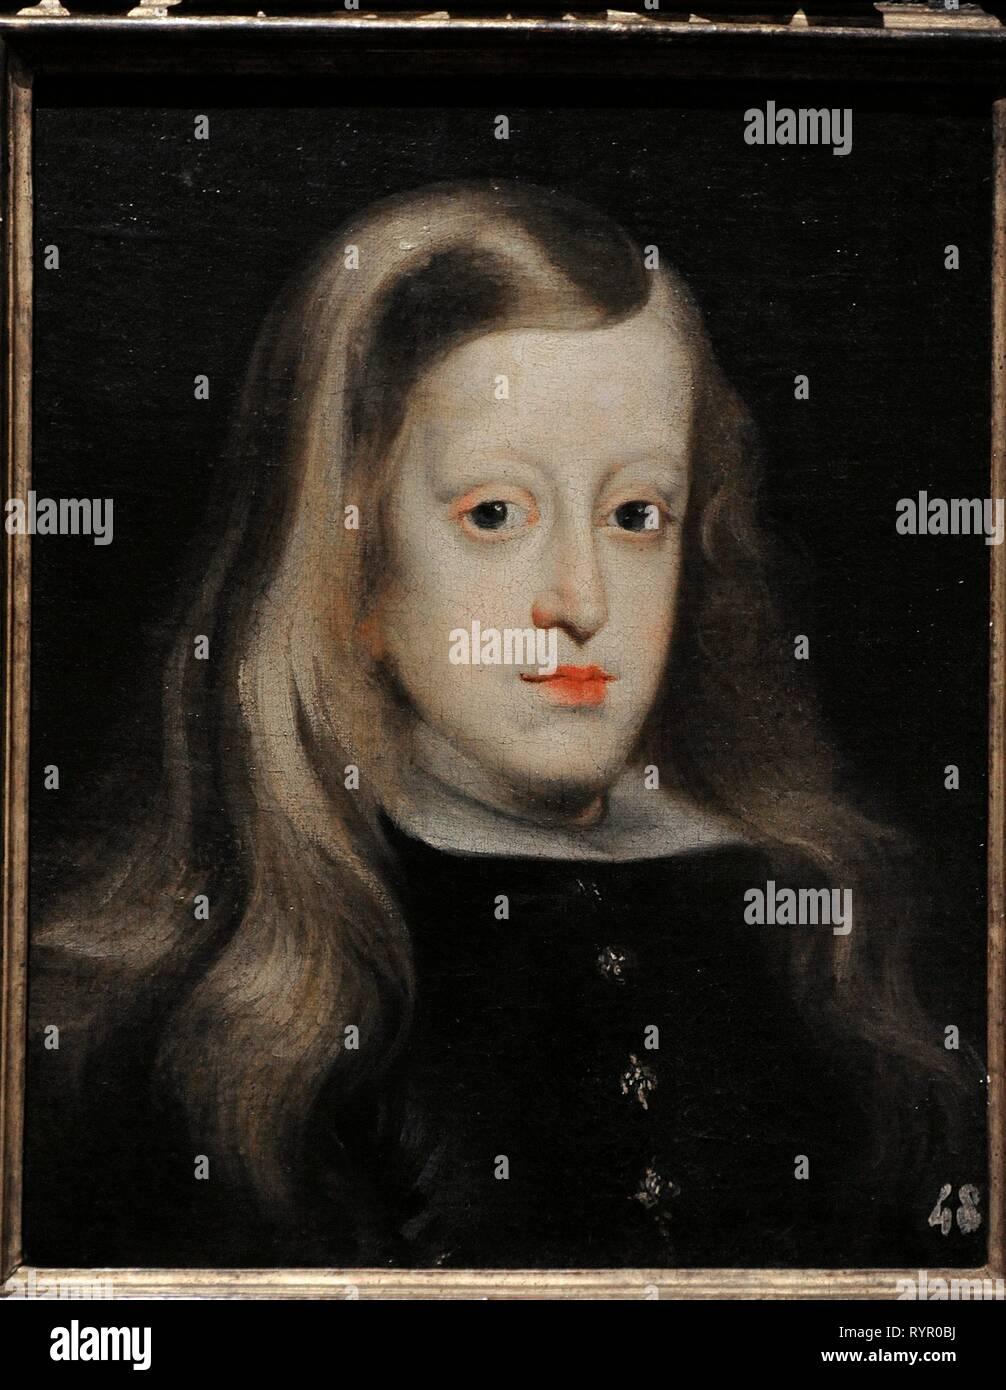 Carlos II (1661-1700). Llamado el Hechizado. Rey de España. Retrato por Juan Carreño de Miranda (1614-1685), hacia 1670. Museo Lázaro Galdiano. Madrid. España. - Stock Image